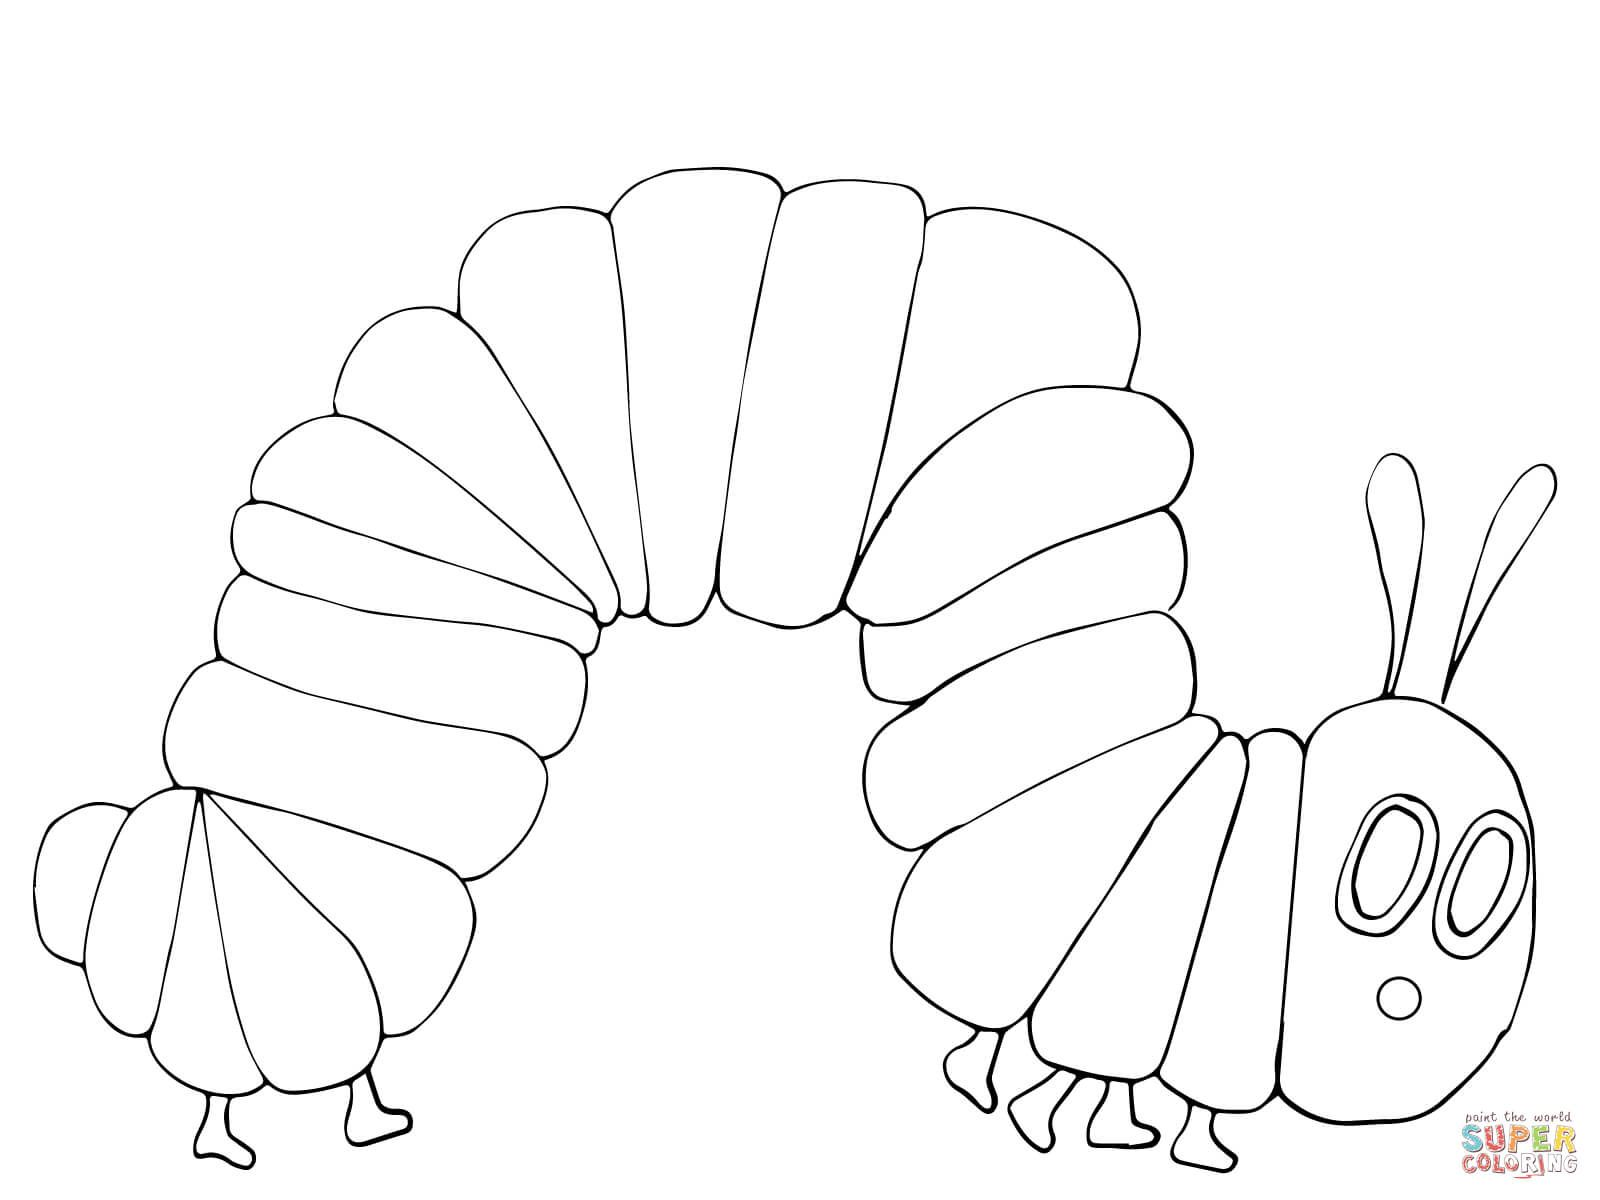 raupe ausmalbild kostenlos malvorlagen raupe ausmalbild Ausdrucken für kinder